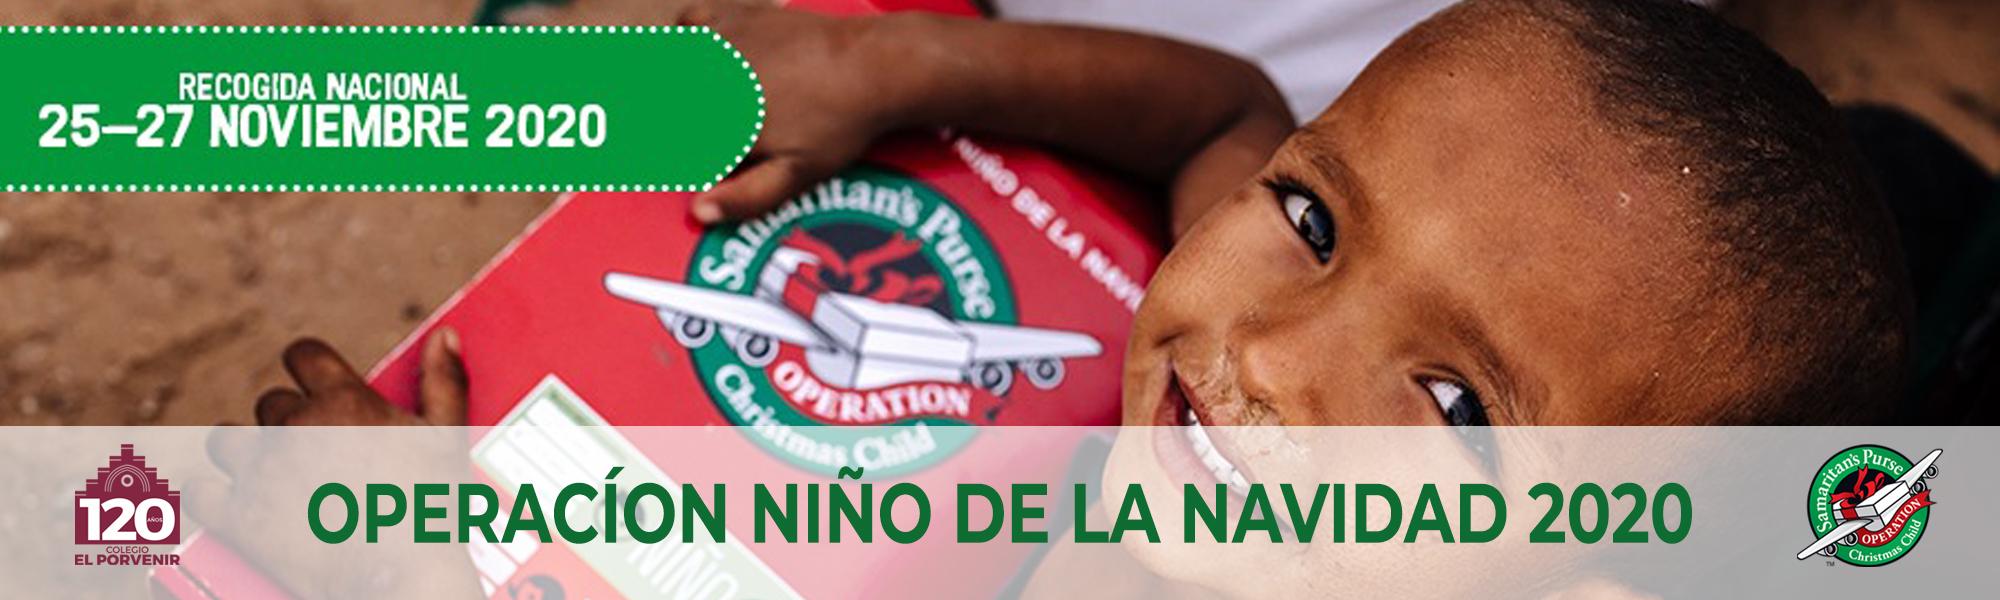 Operación Niño de la Navidad 2020 colegio El Porvenir